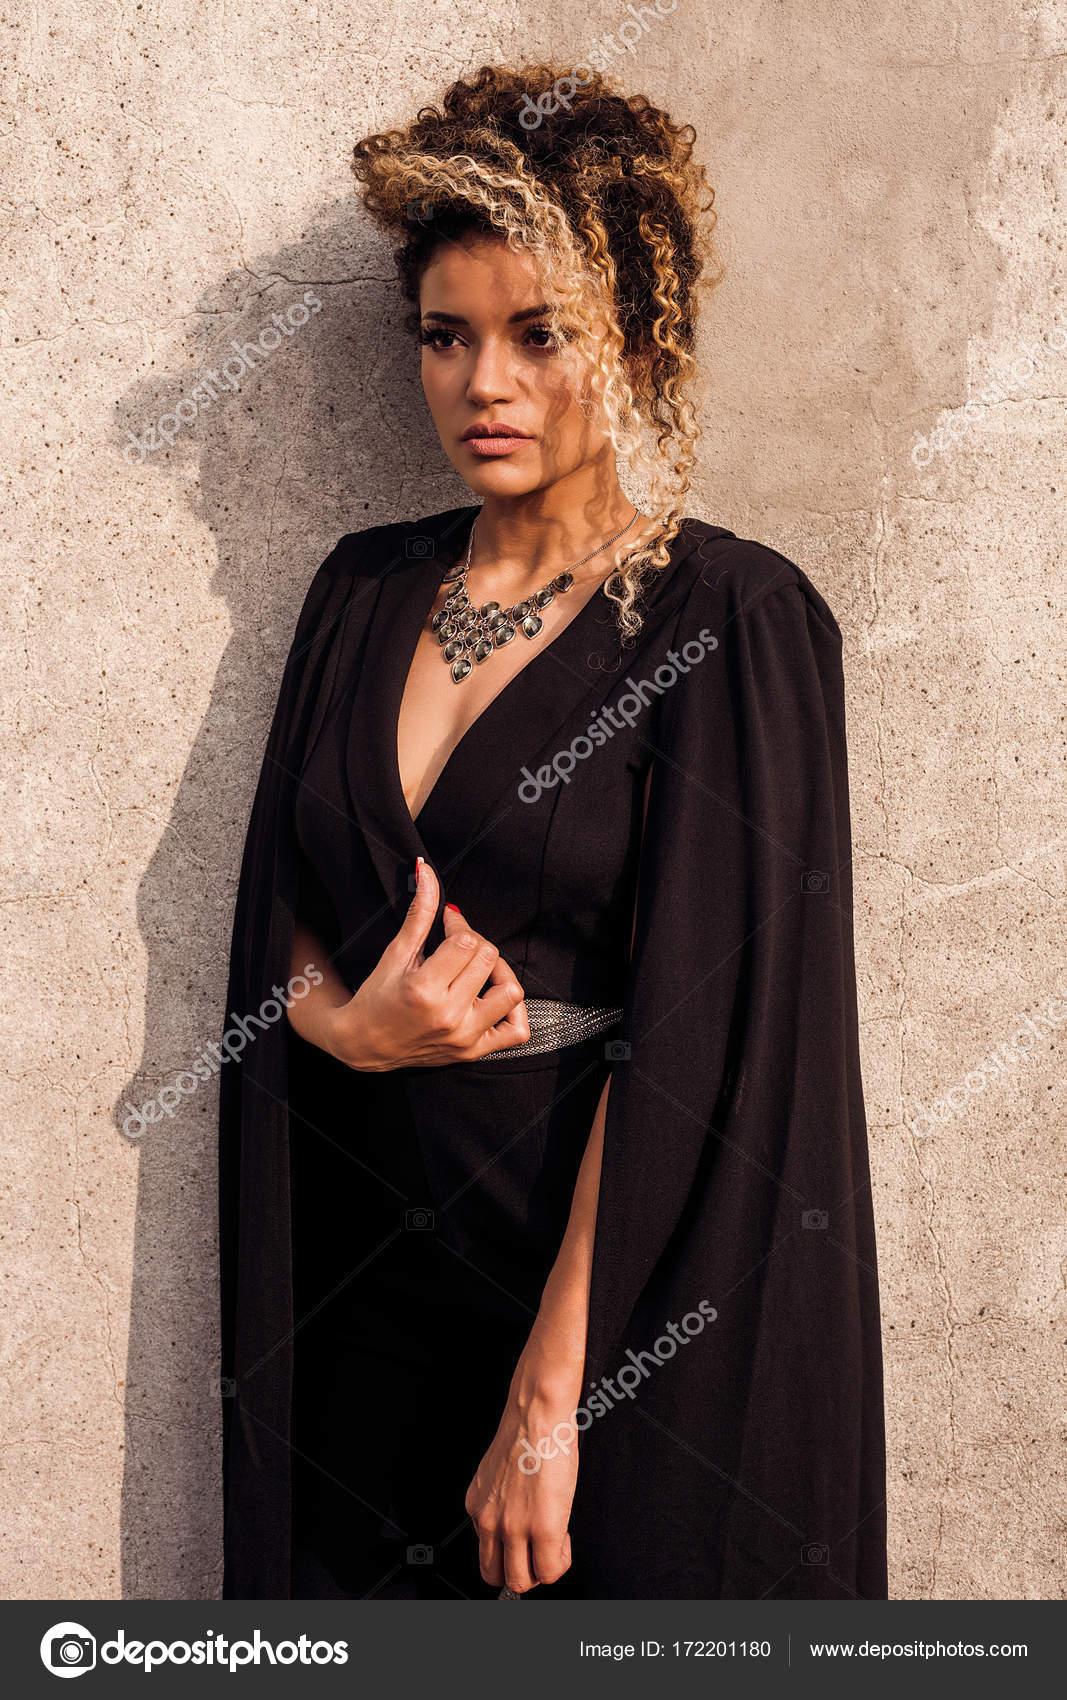 Vestido negro con collar